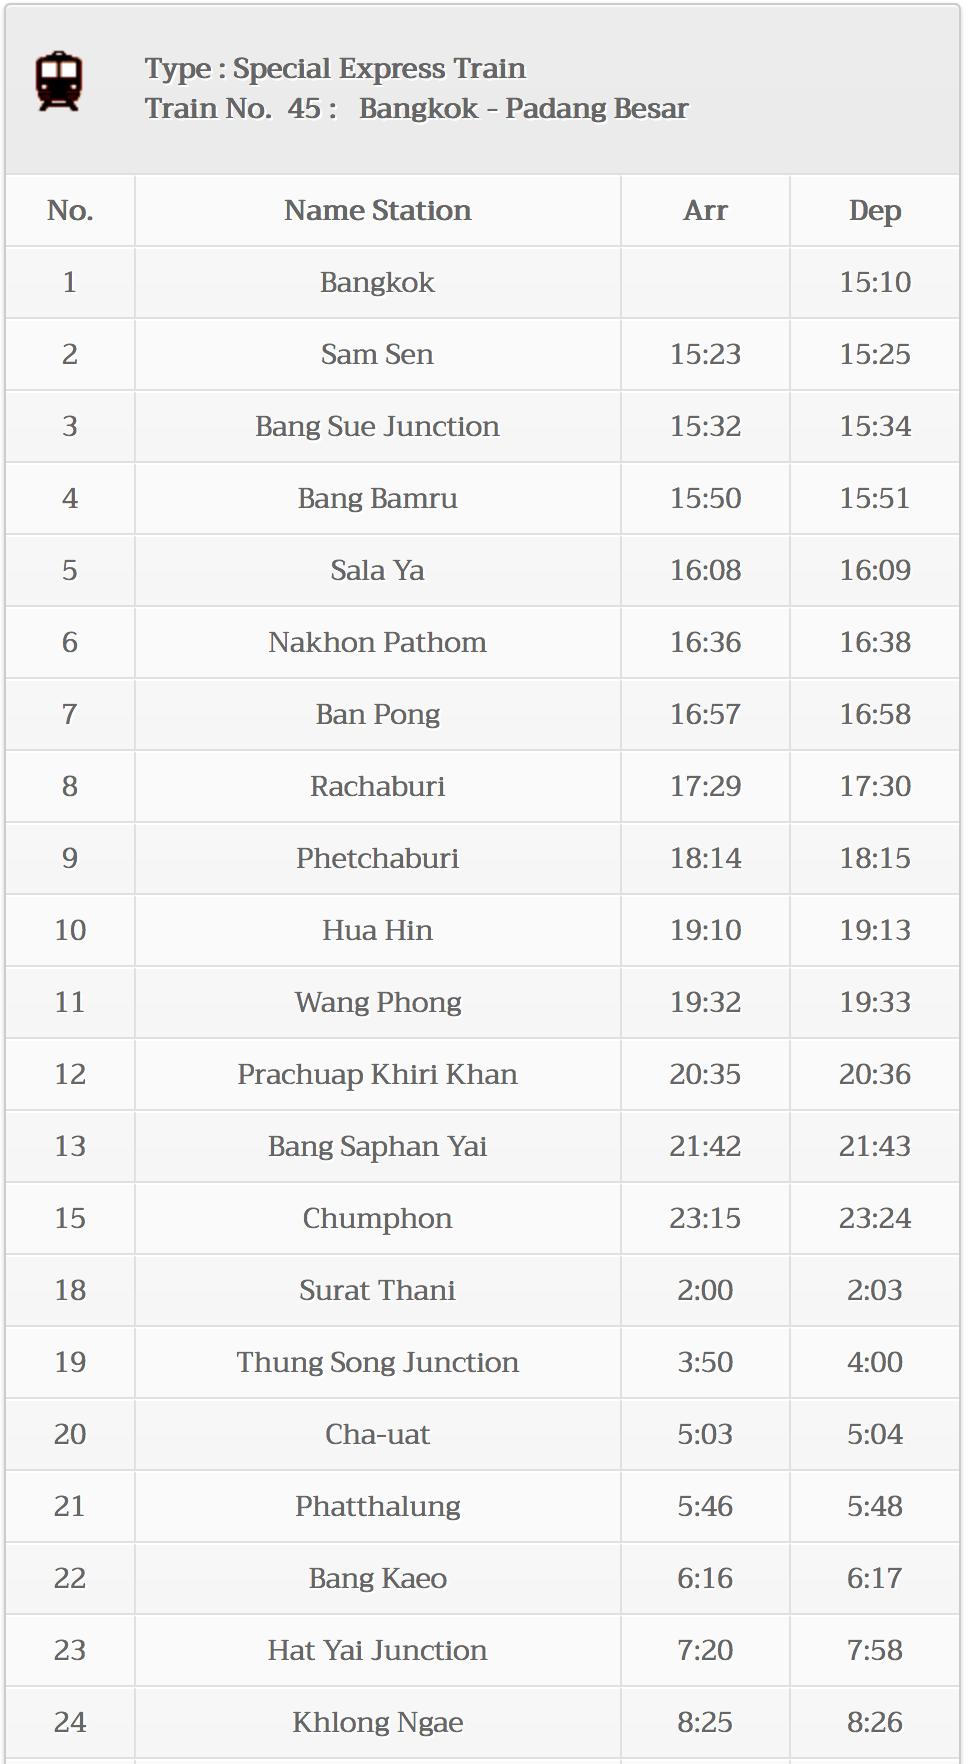 train-45-bangkok-to-padang-besar-timetable.png